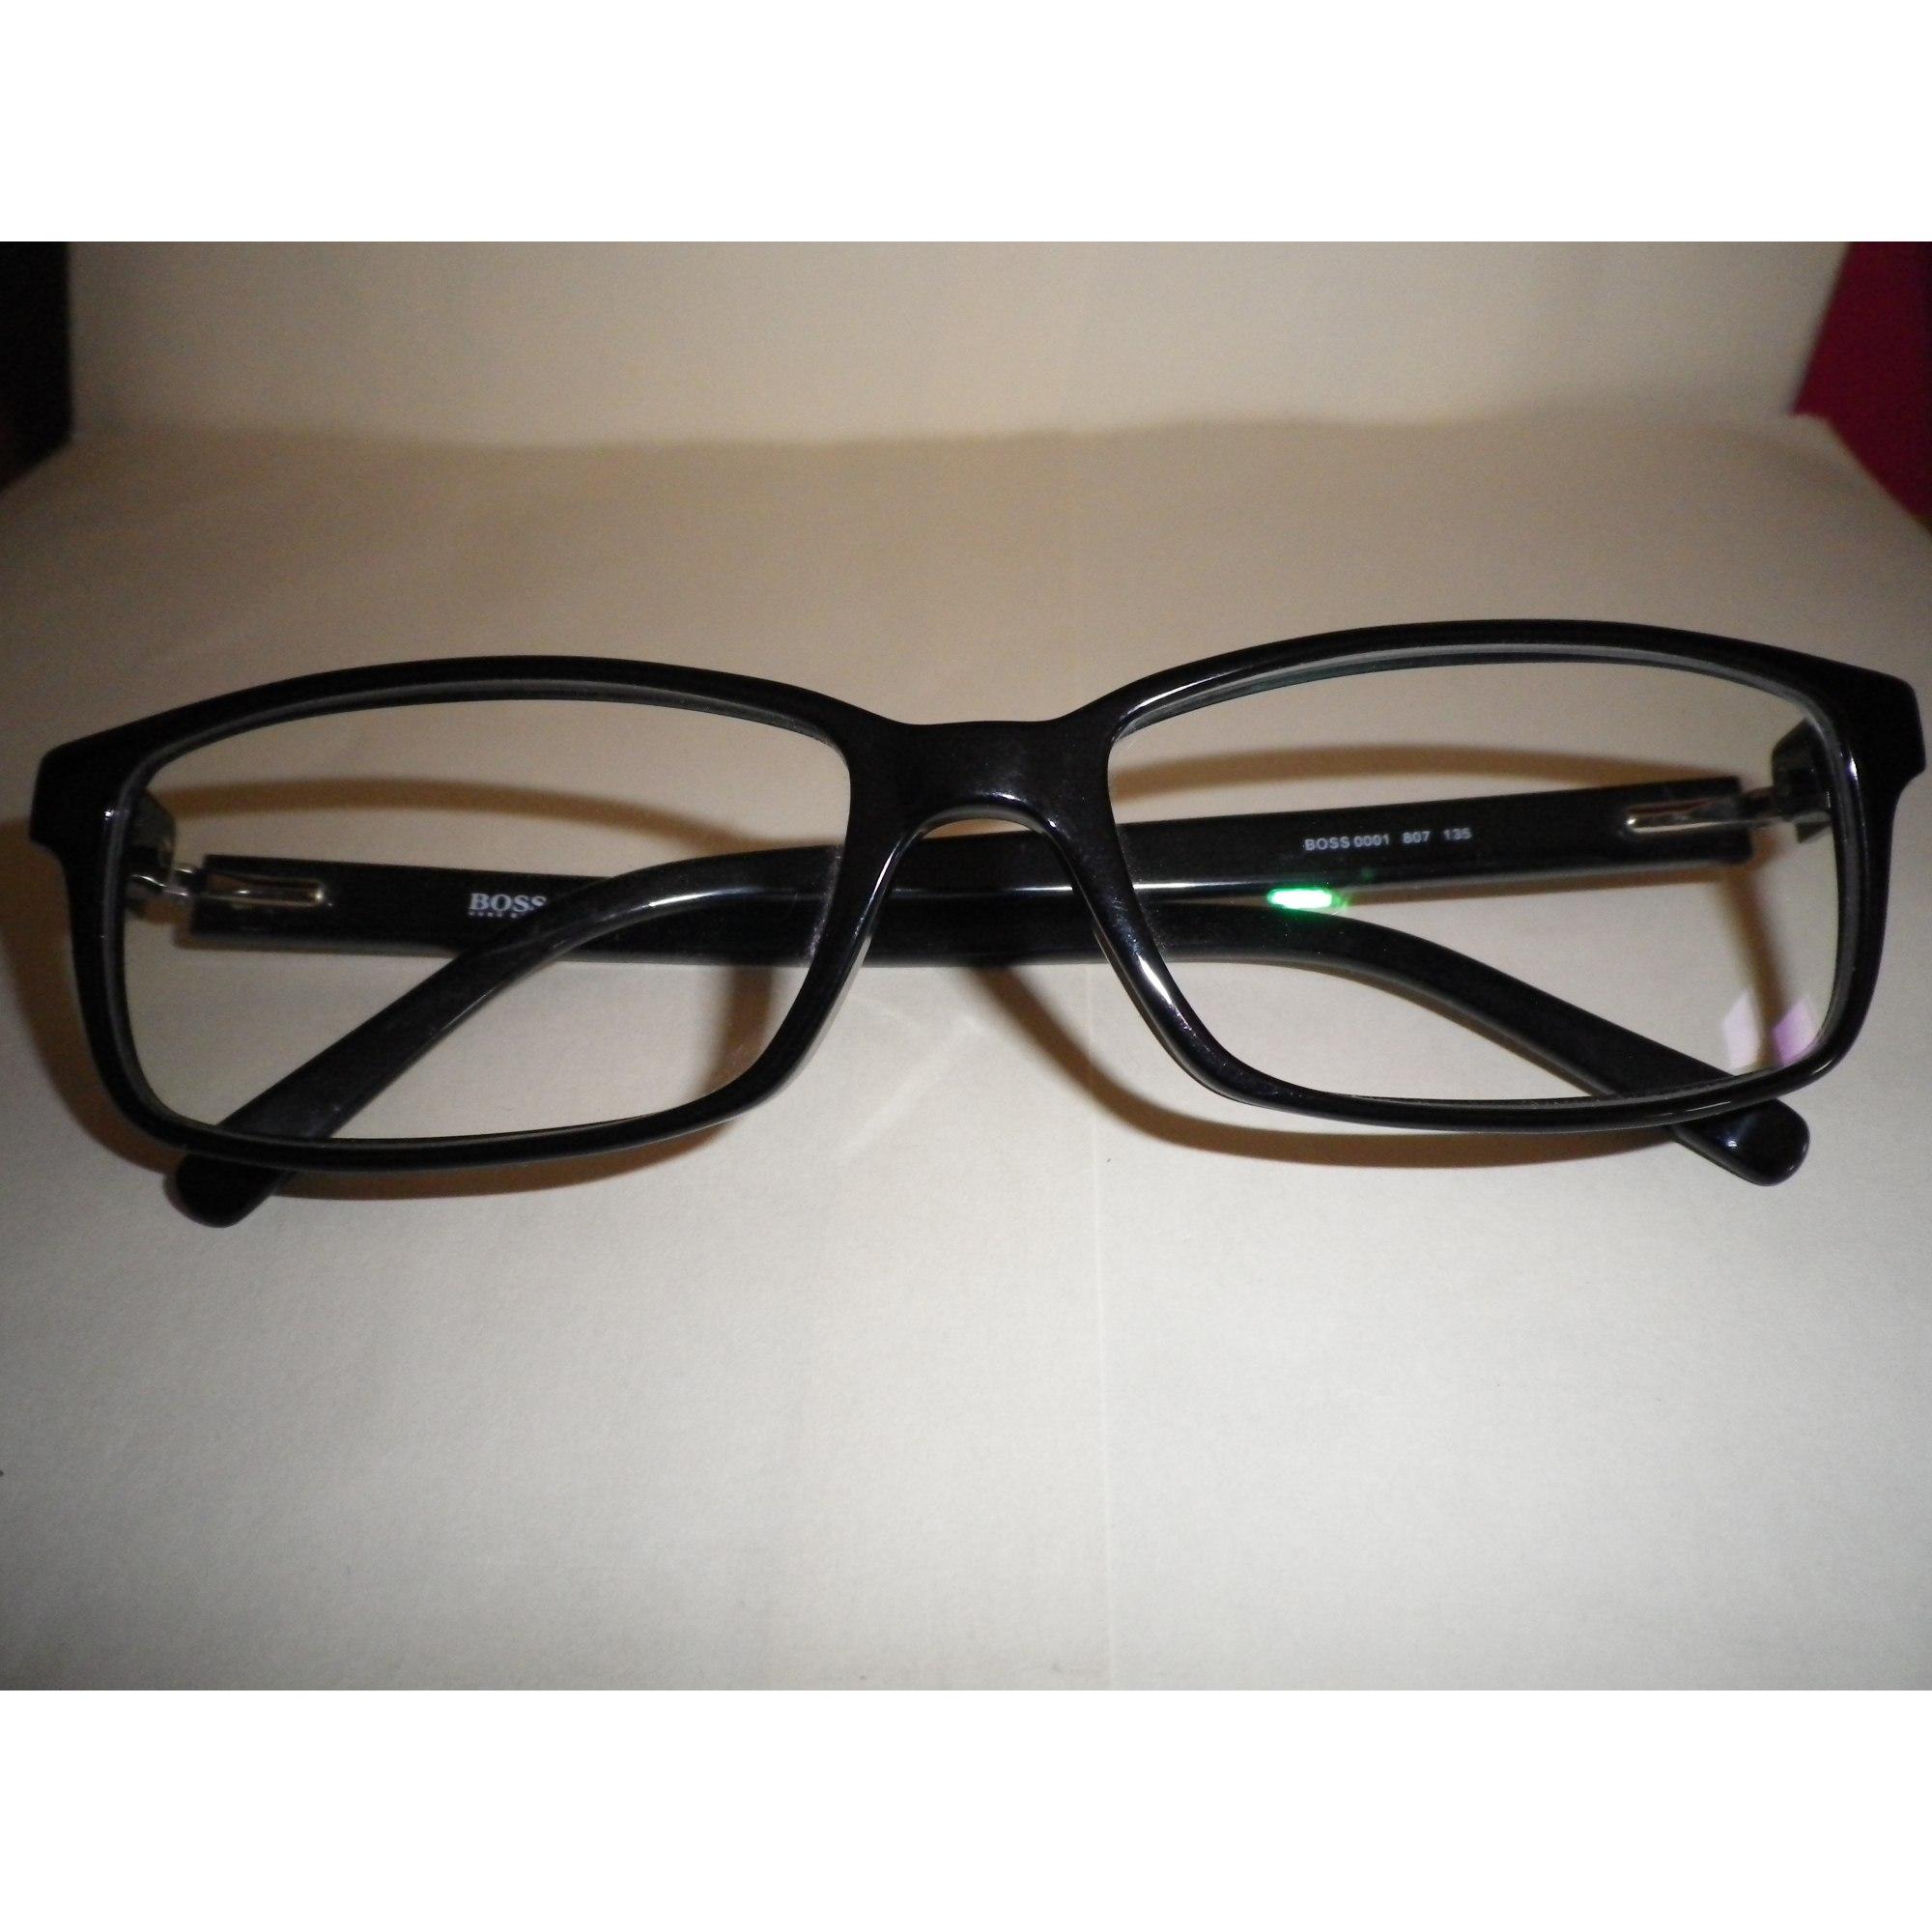 382ad3495acea Monture de lunettes HUGO BOSS noir - 2594075